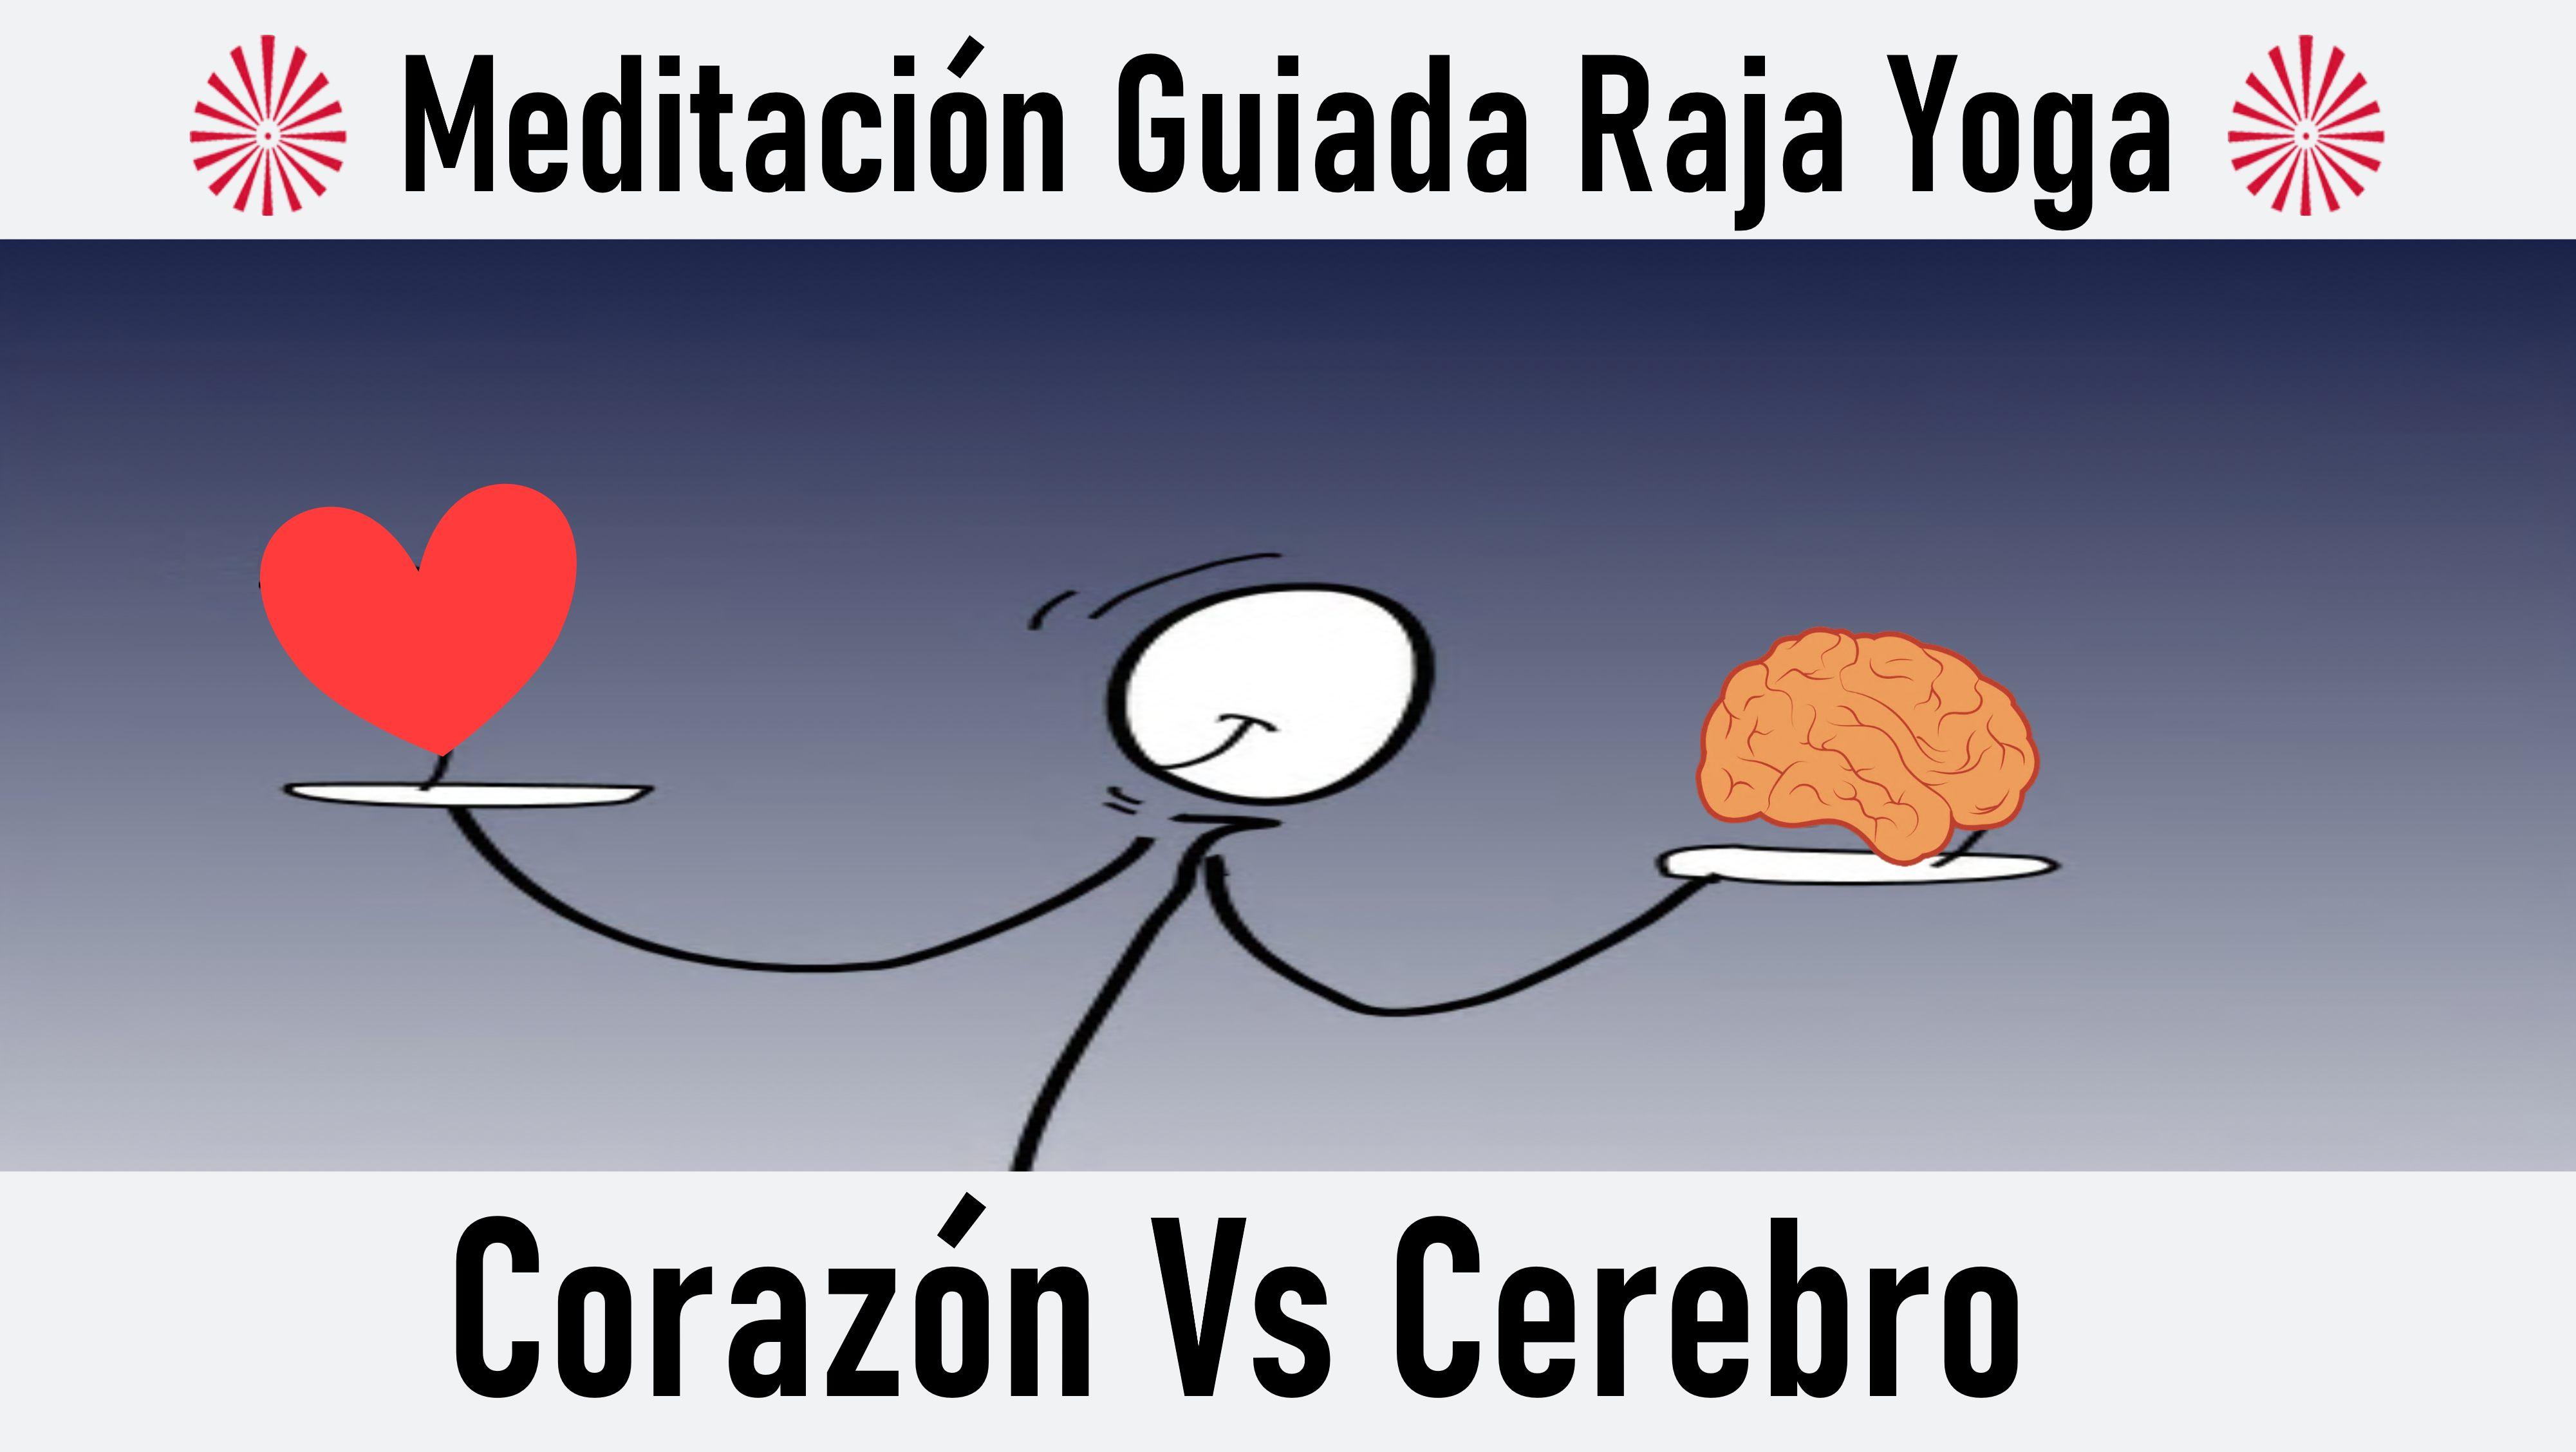 29 Septiembre 2020 Meditación guiada: Corazón Vs Cerebro